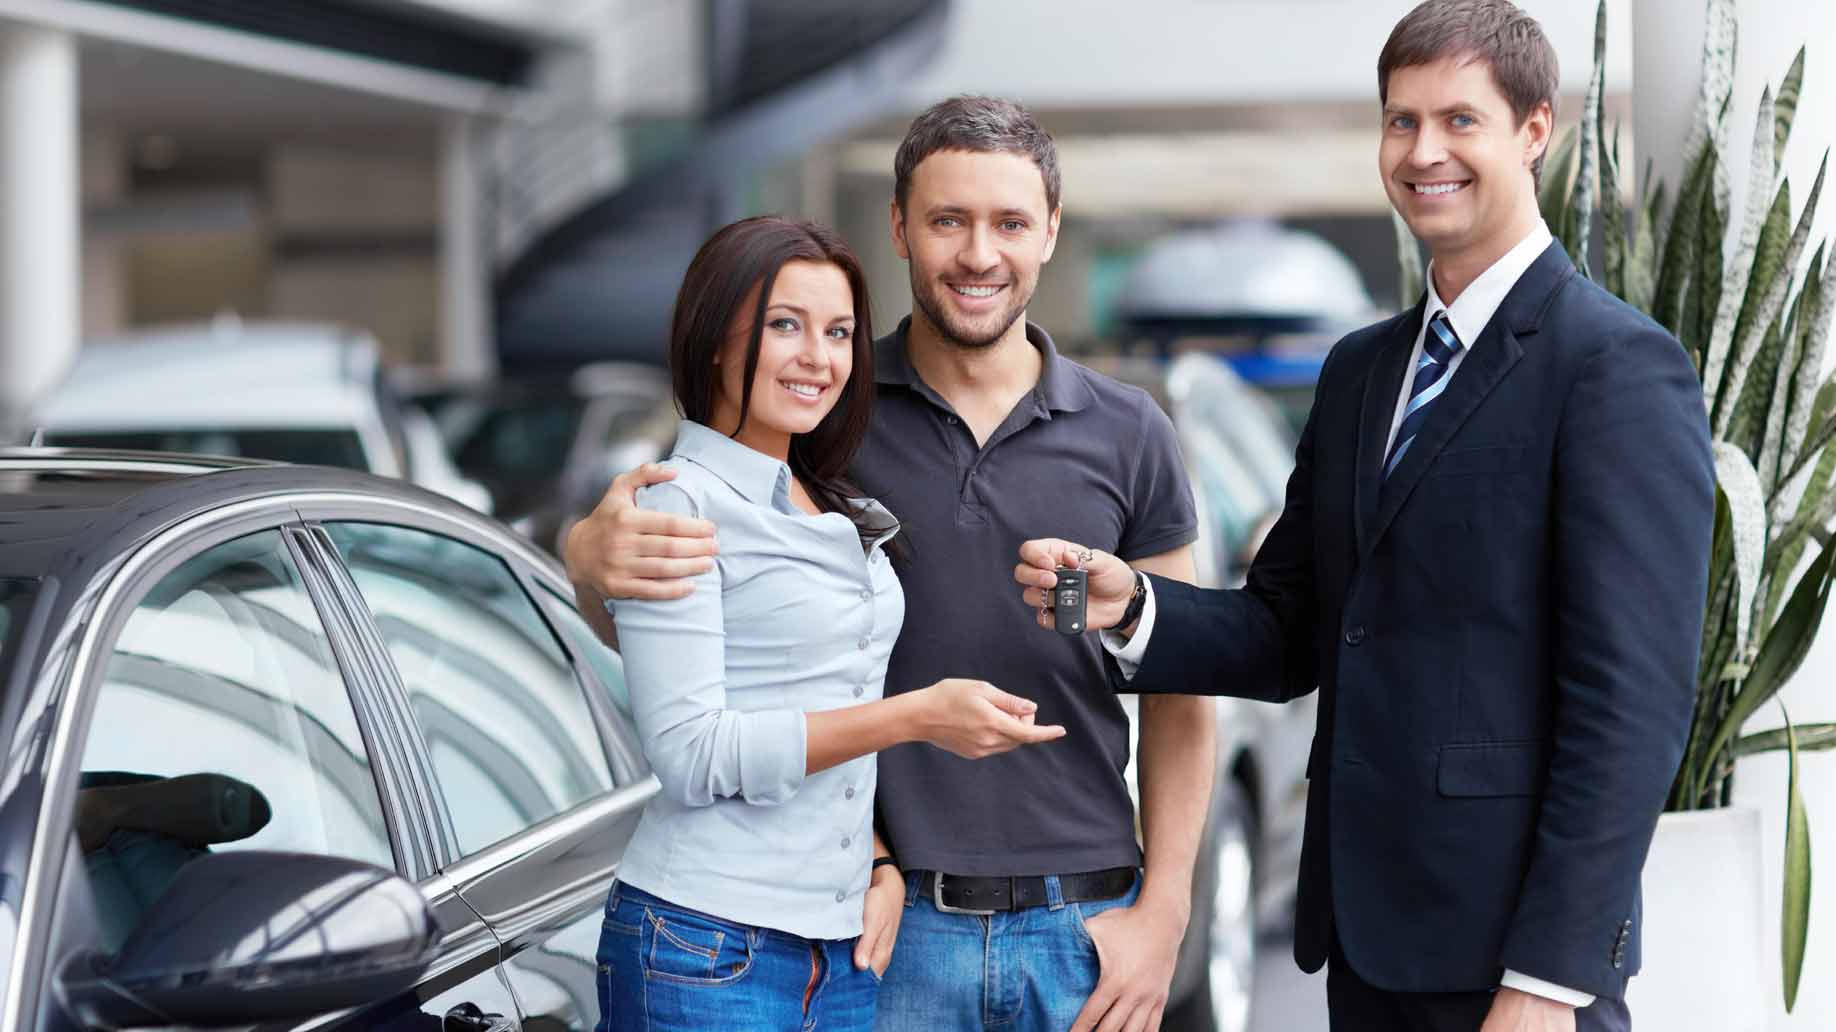 Ventajas de comprar un auto seminuevo y qué características tienen para ser así considerados